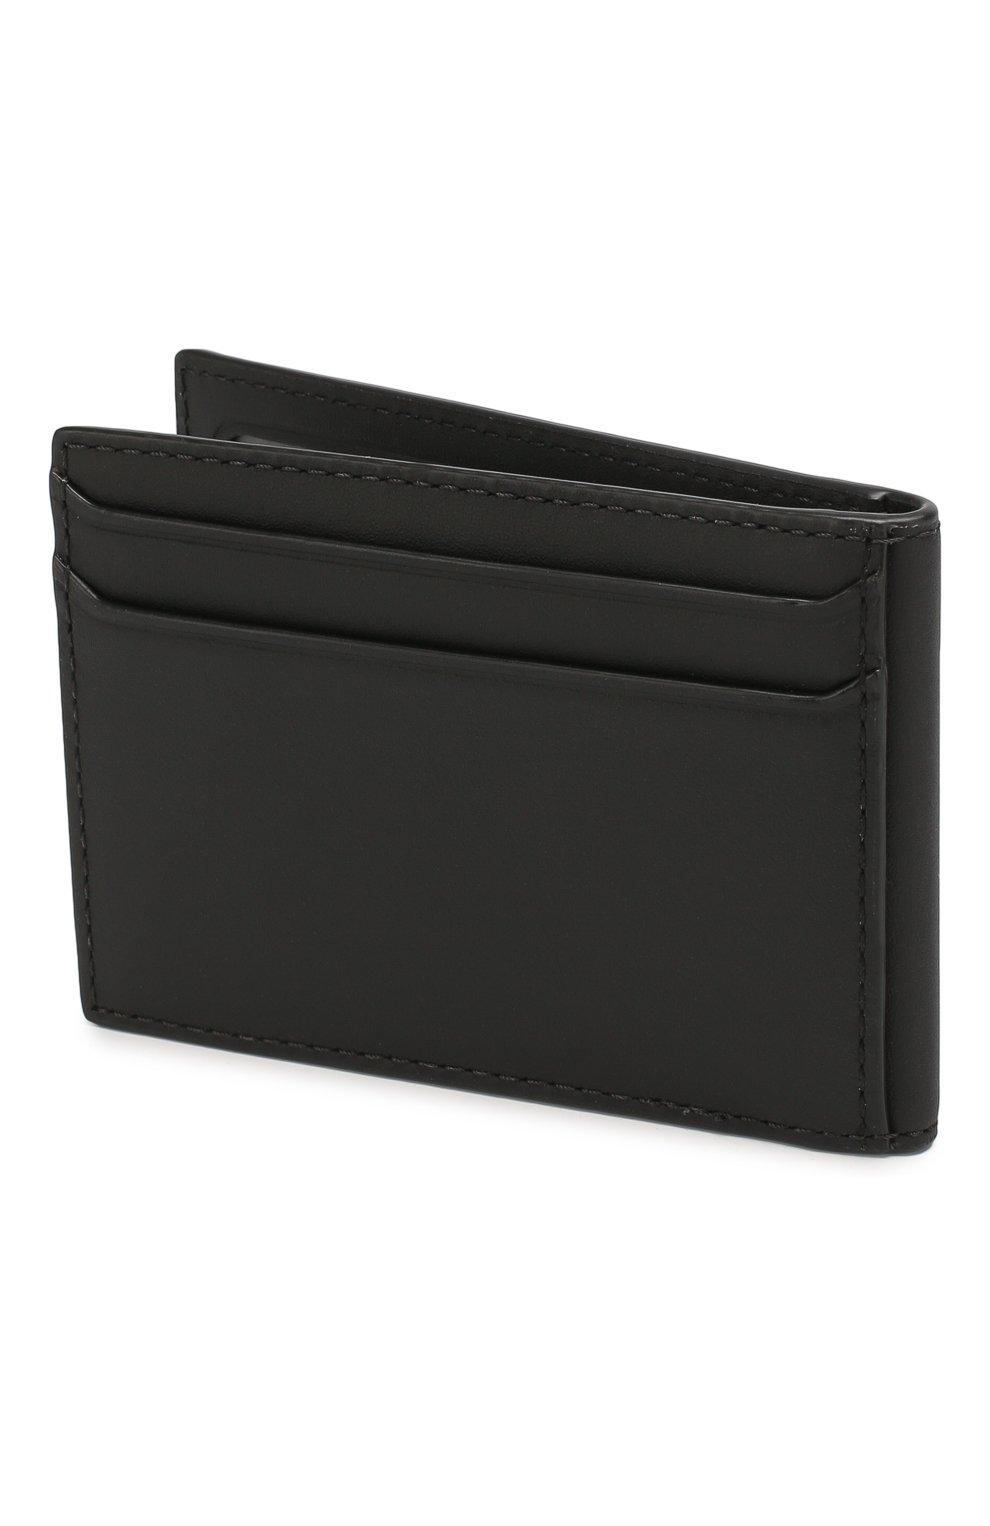 Мужской комплект из портмоне и футляра для кредитных карт BURBERRY темно-серого цвета, арт. 8014527   Фото 5